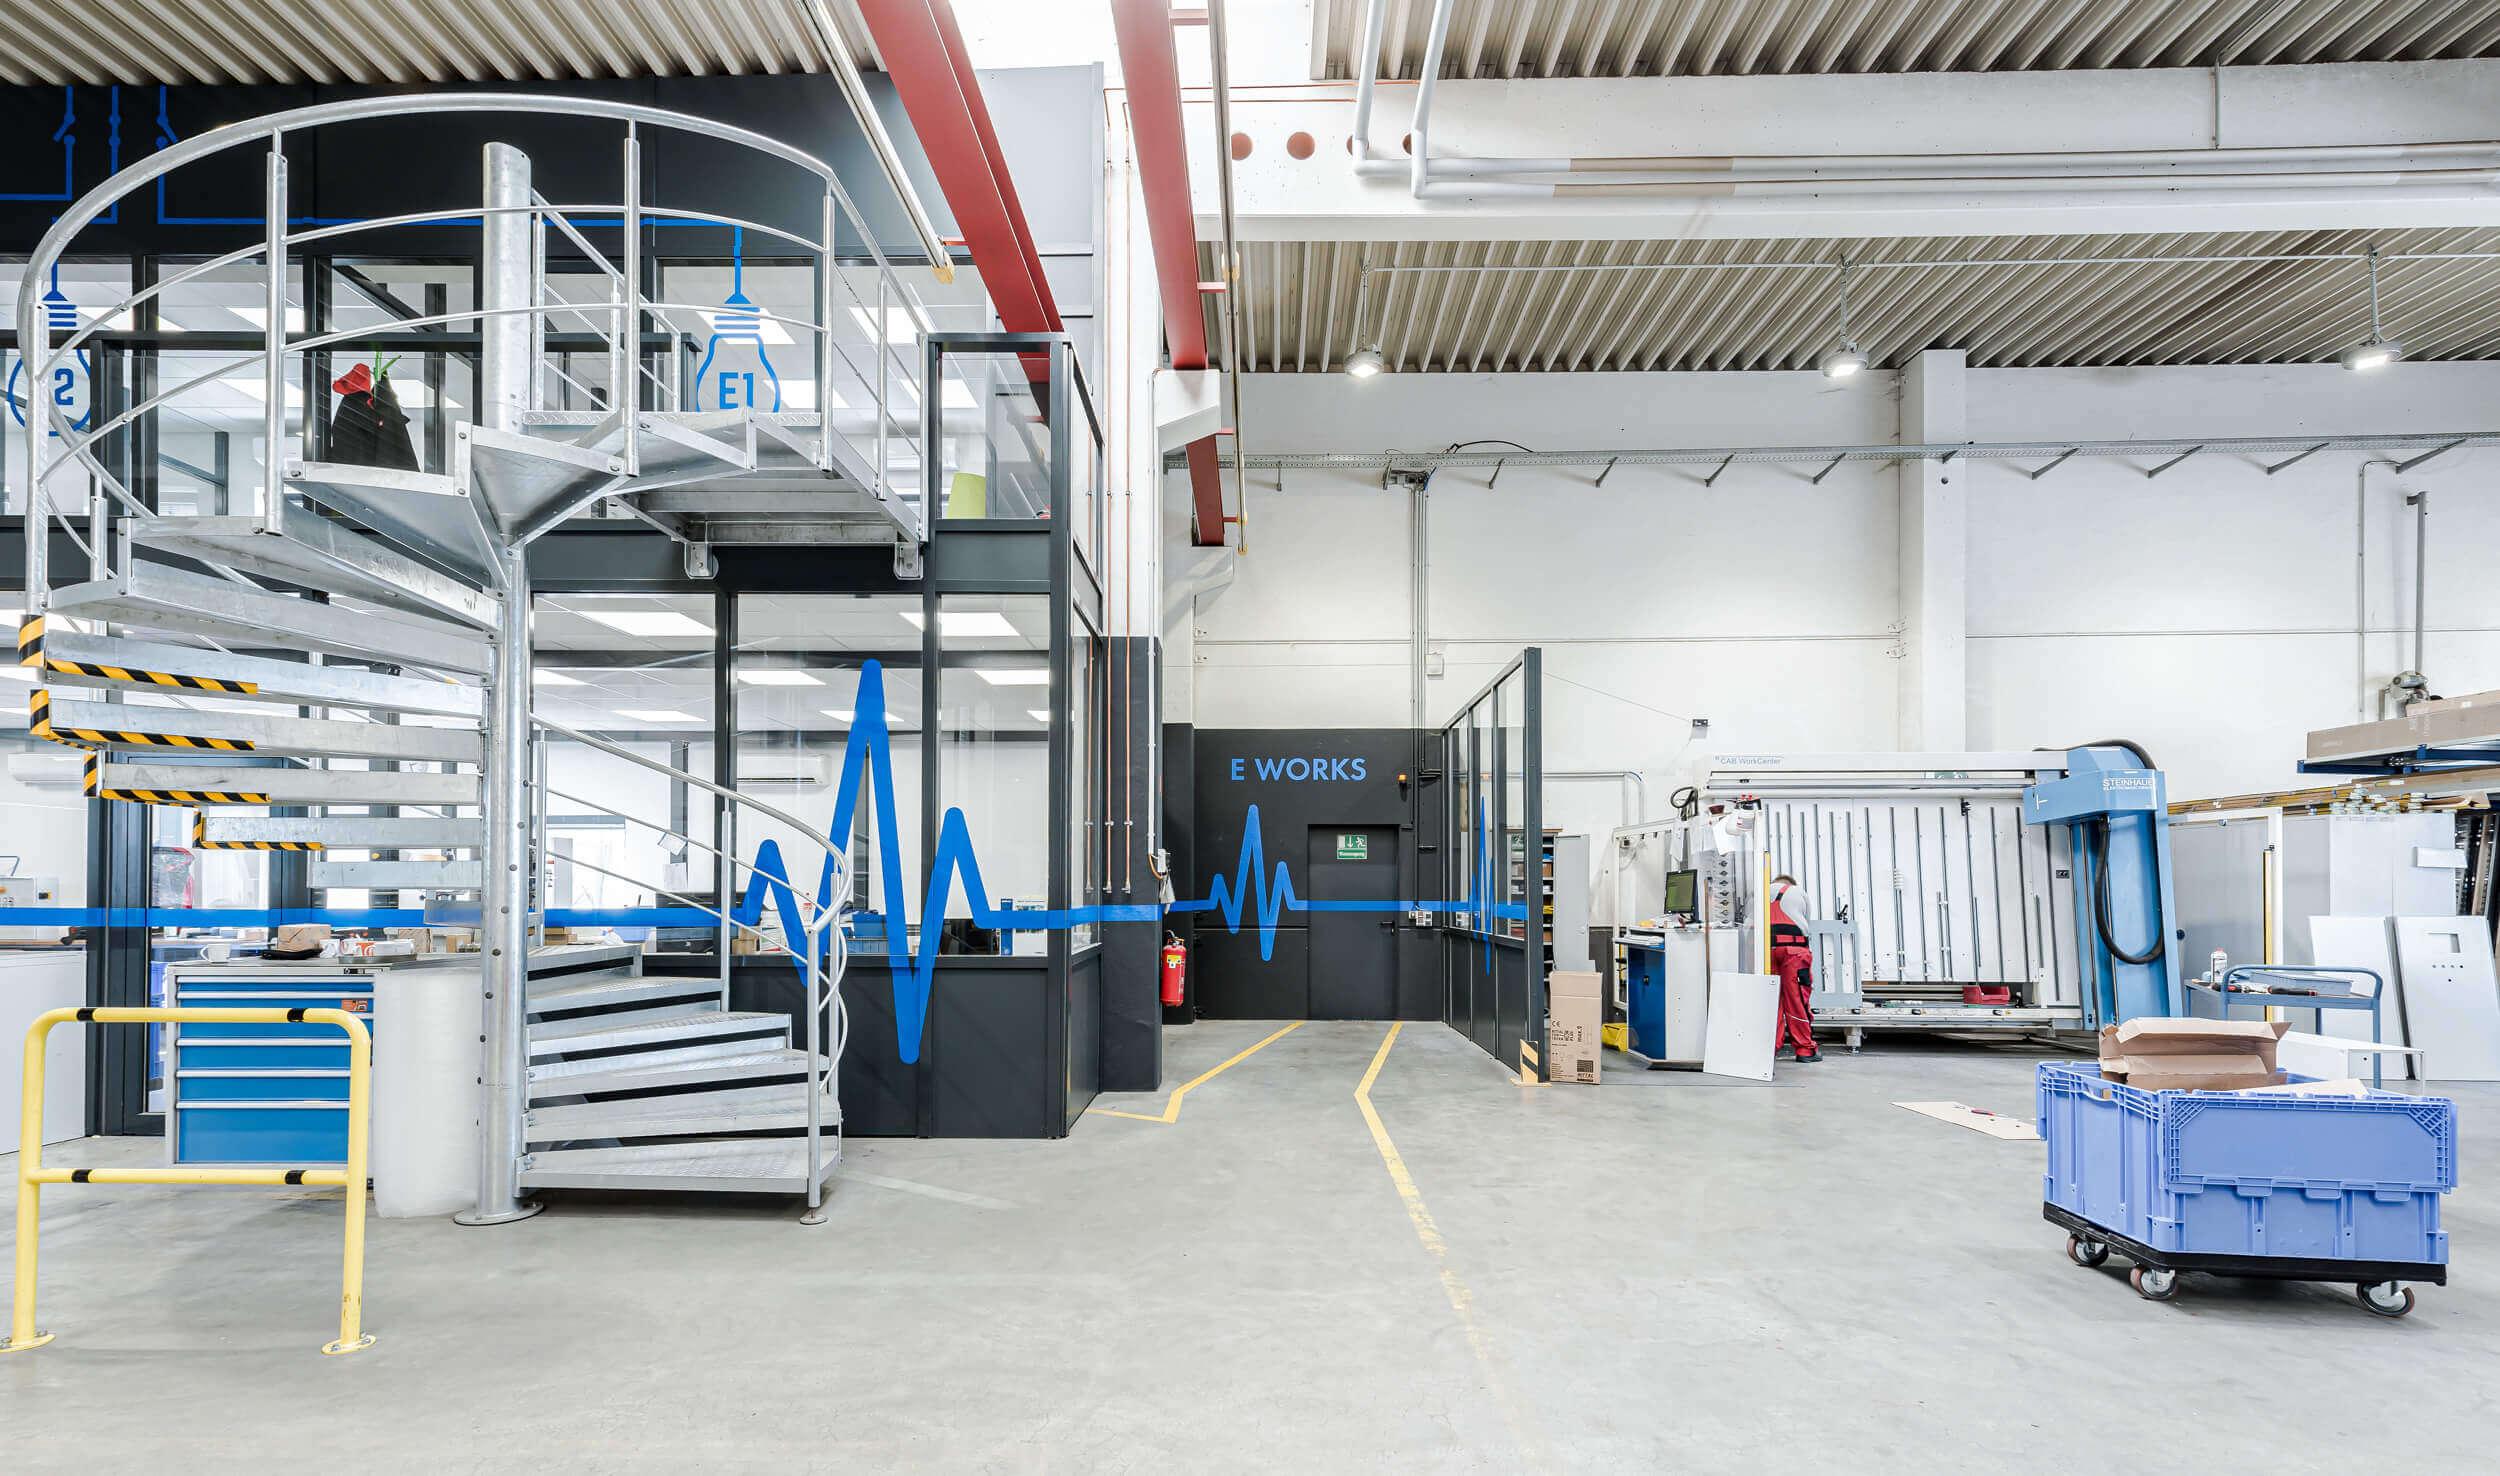 Modernisierung der Planungsbüros in der Schaltschrankproduktion